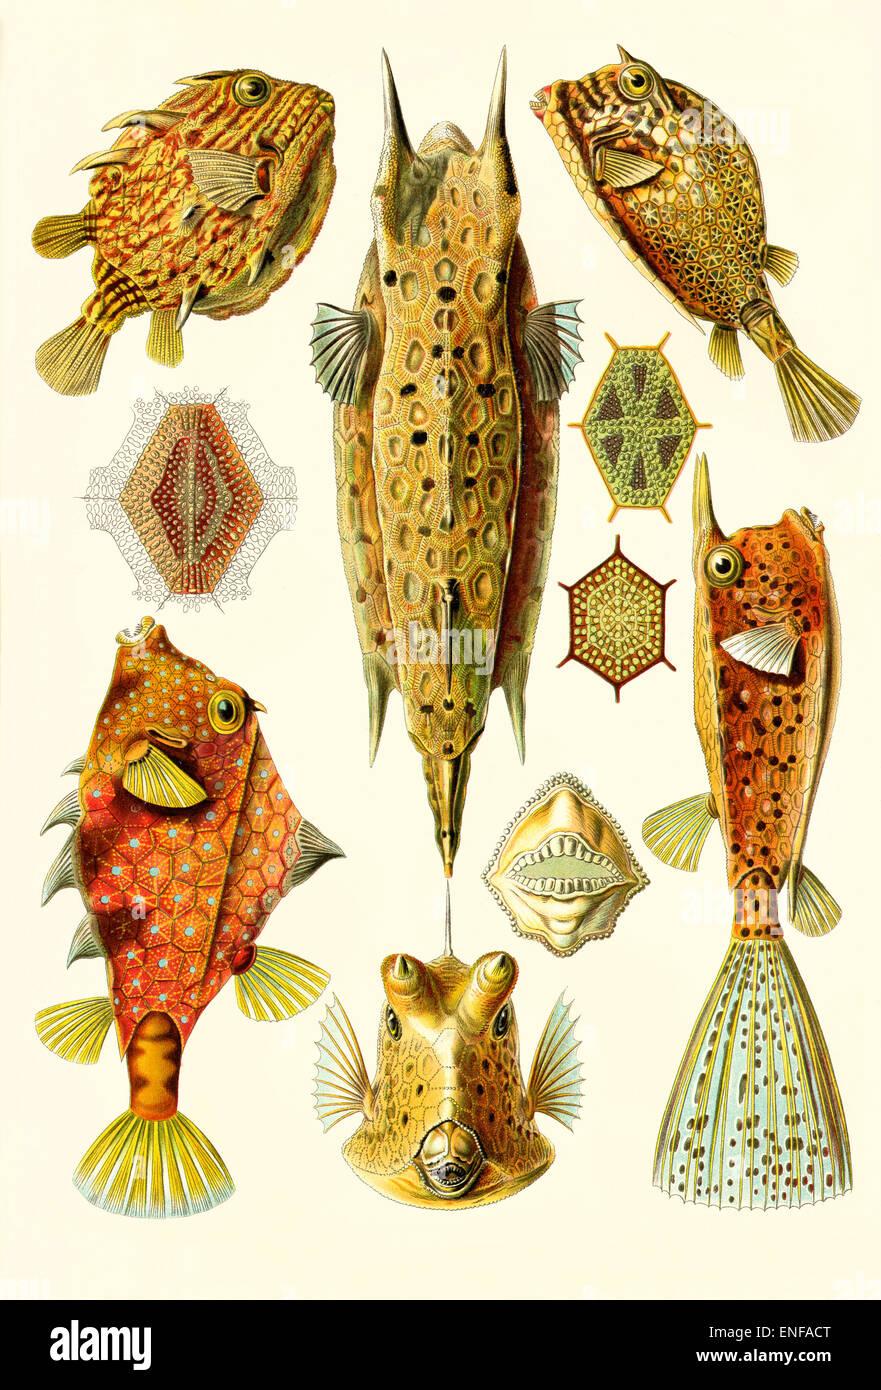 Ostraciontes (Trunkfishes), da Ernst Haeckel, 1904 - solo uso editoriale. Immagini Stock